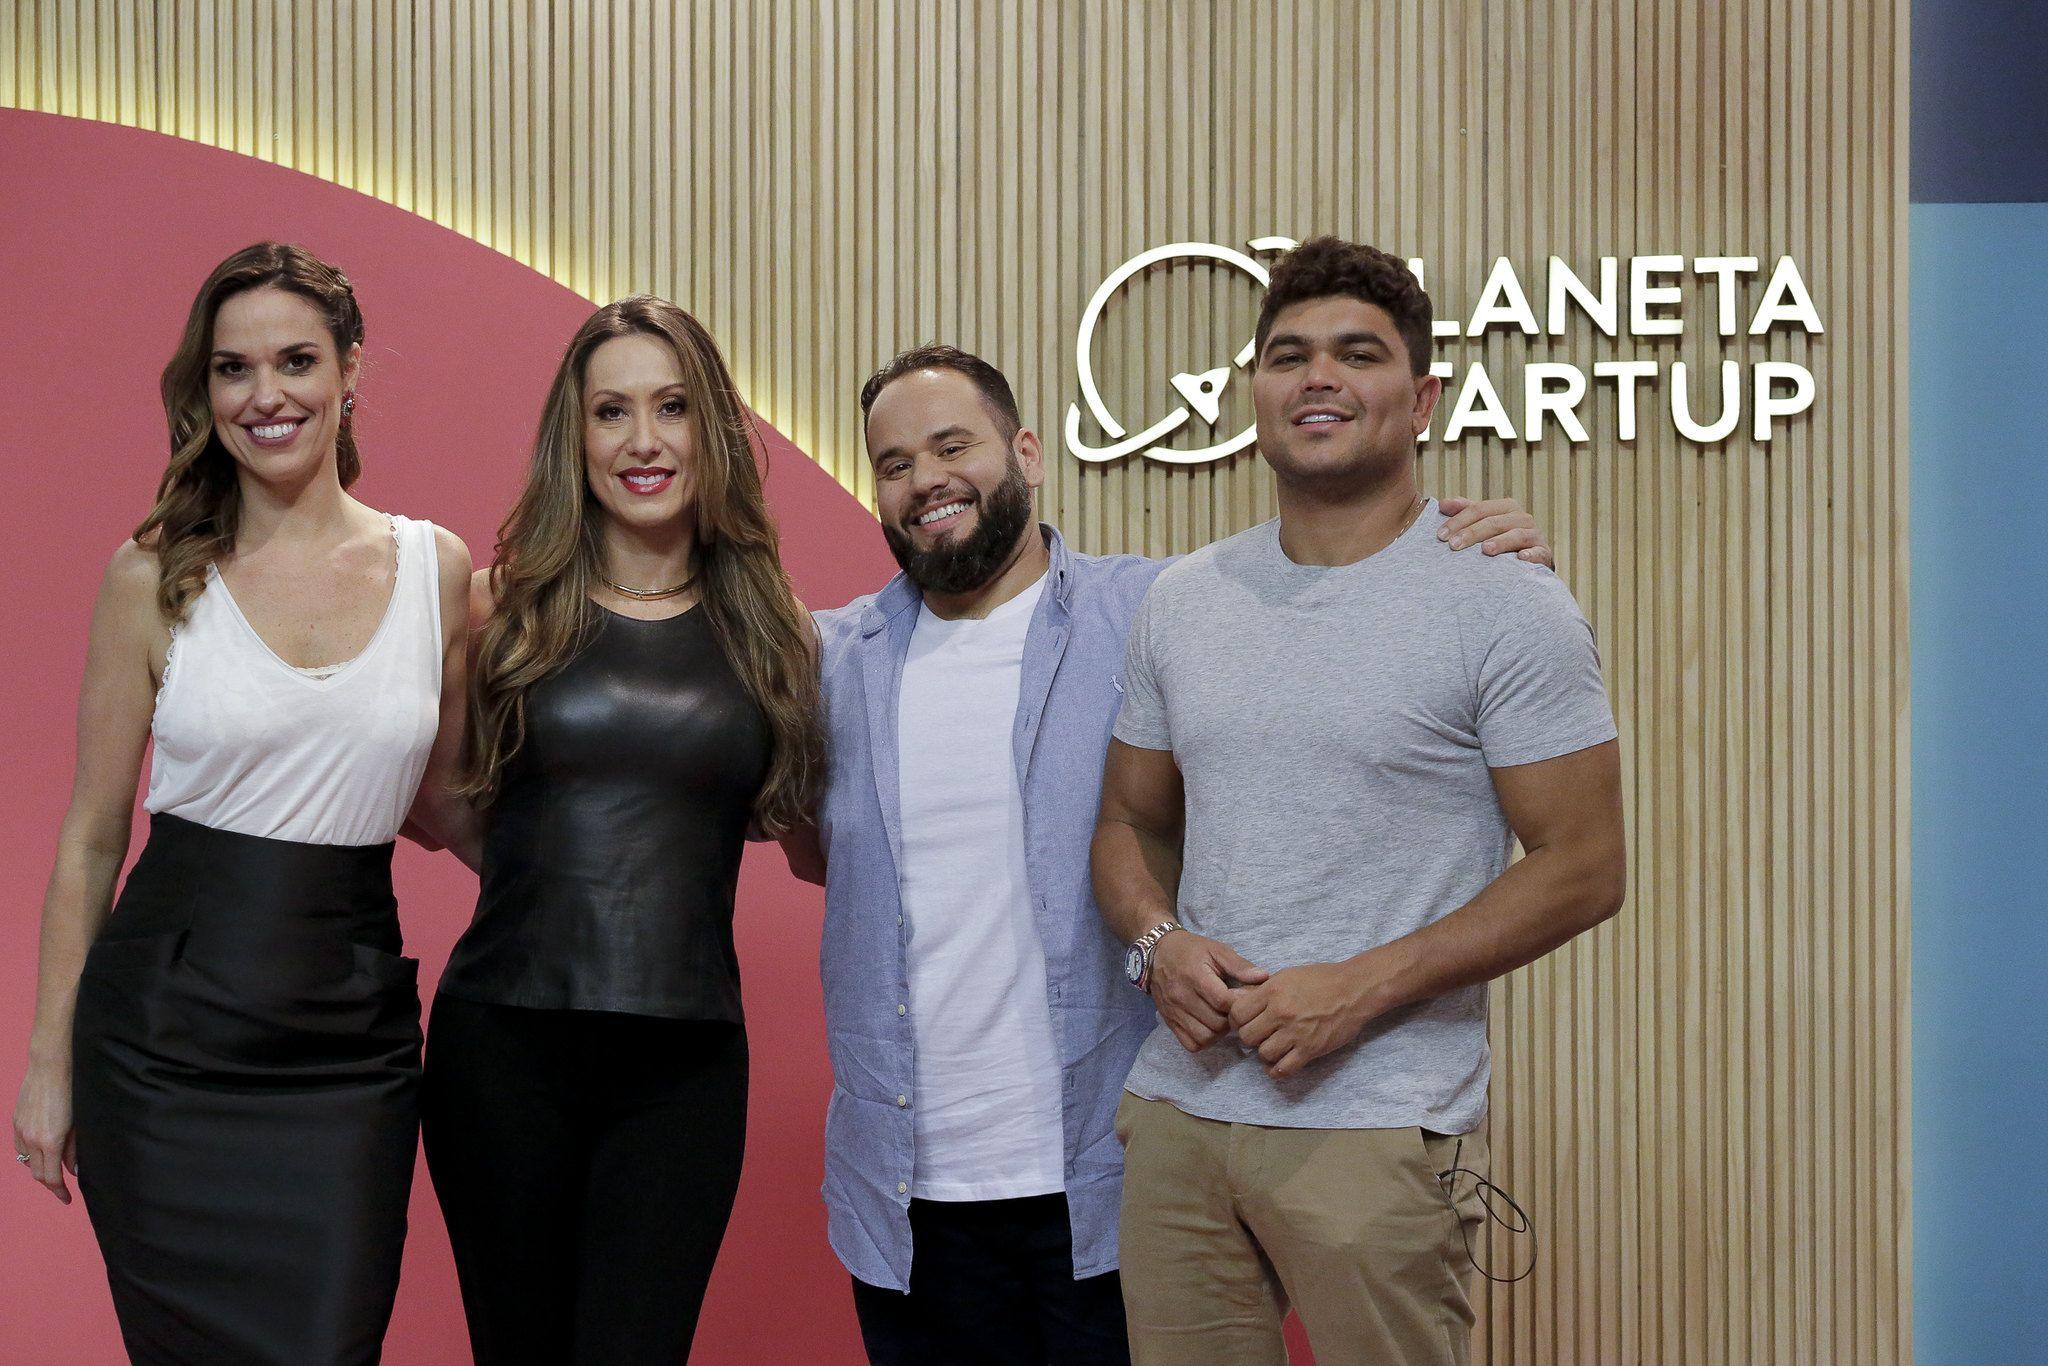 Equipe do Planeta Startup / Divulgação